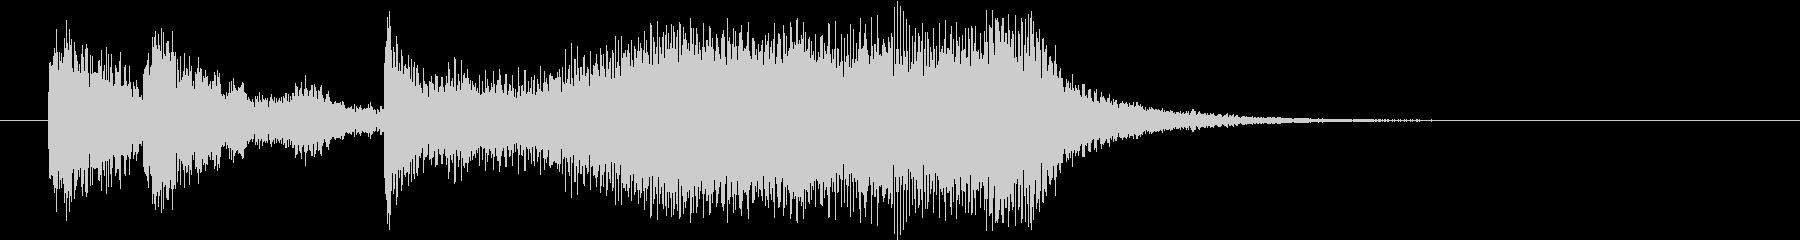 起動音 シンセサイザー&ストリングスの未再生の波形